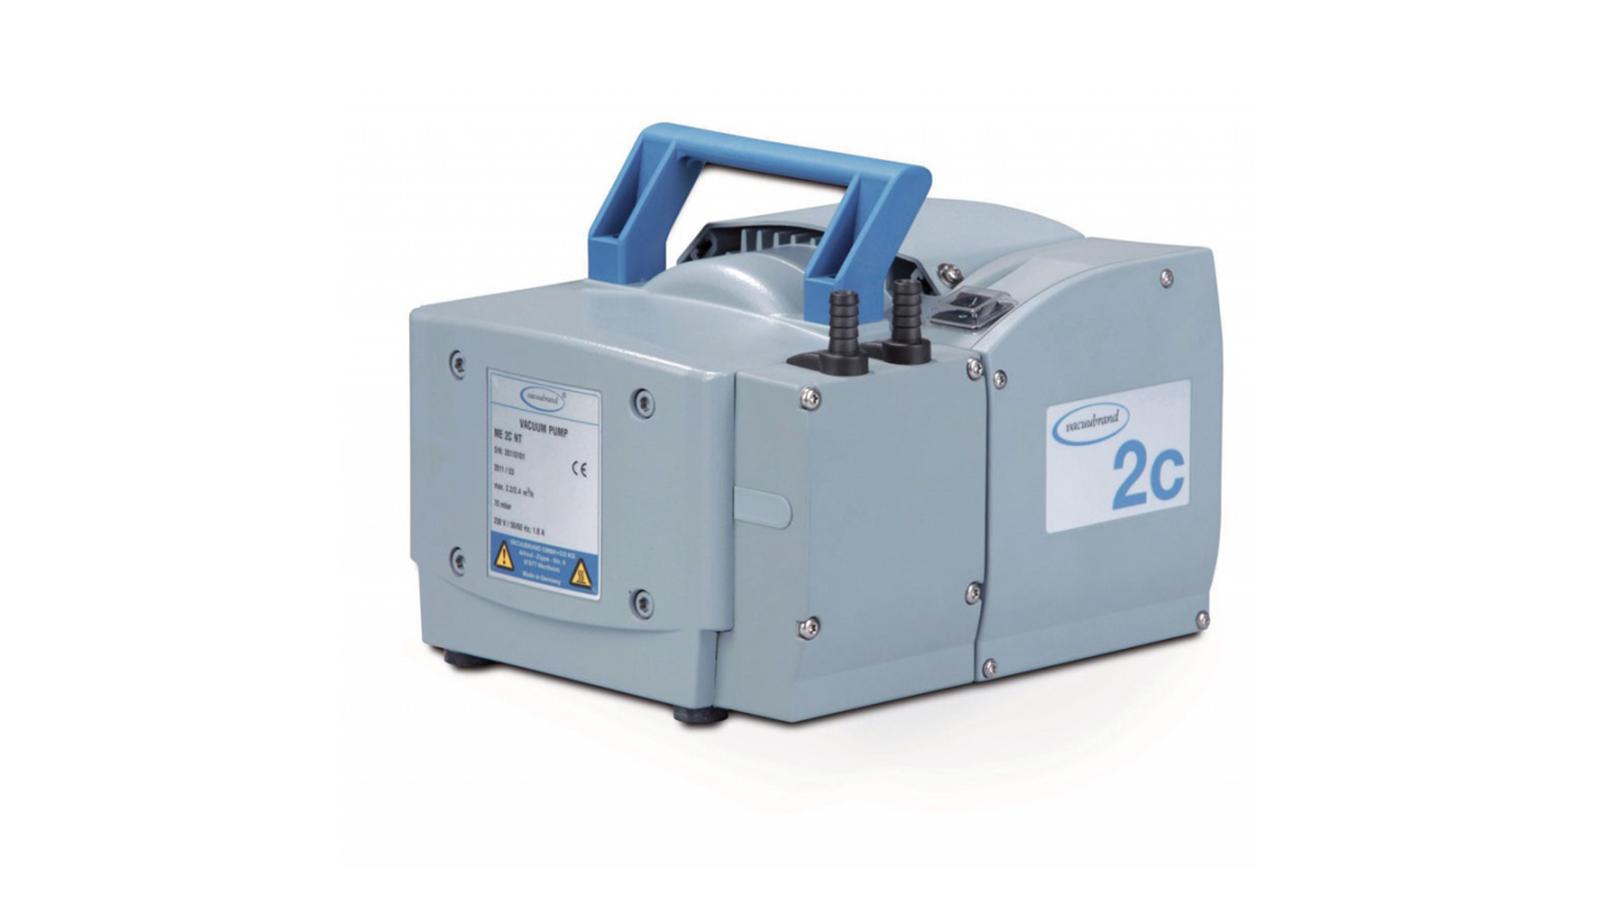 Vacuubrand ME 2C NT Vakum Pompası || Merlab Laboratuvar Ekipmanları